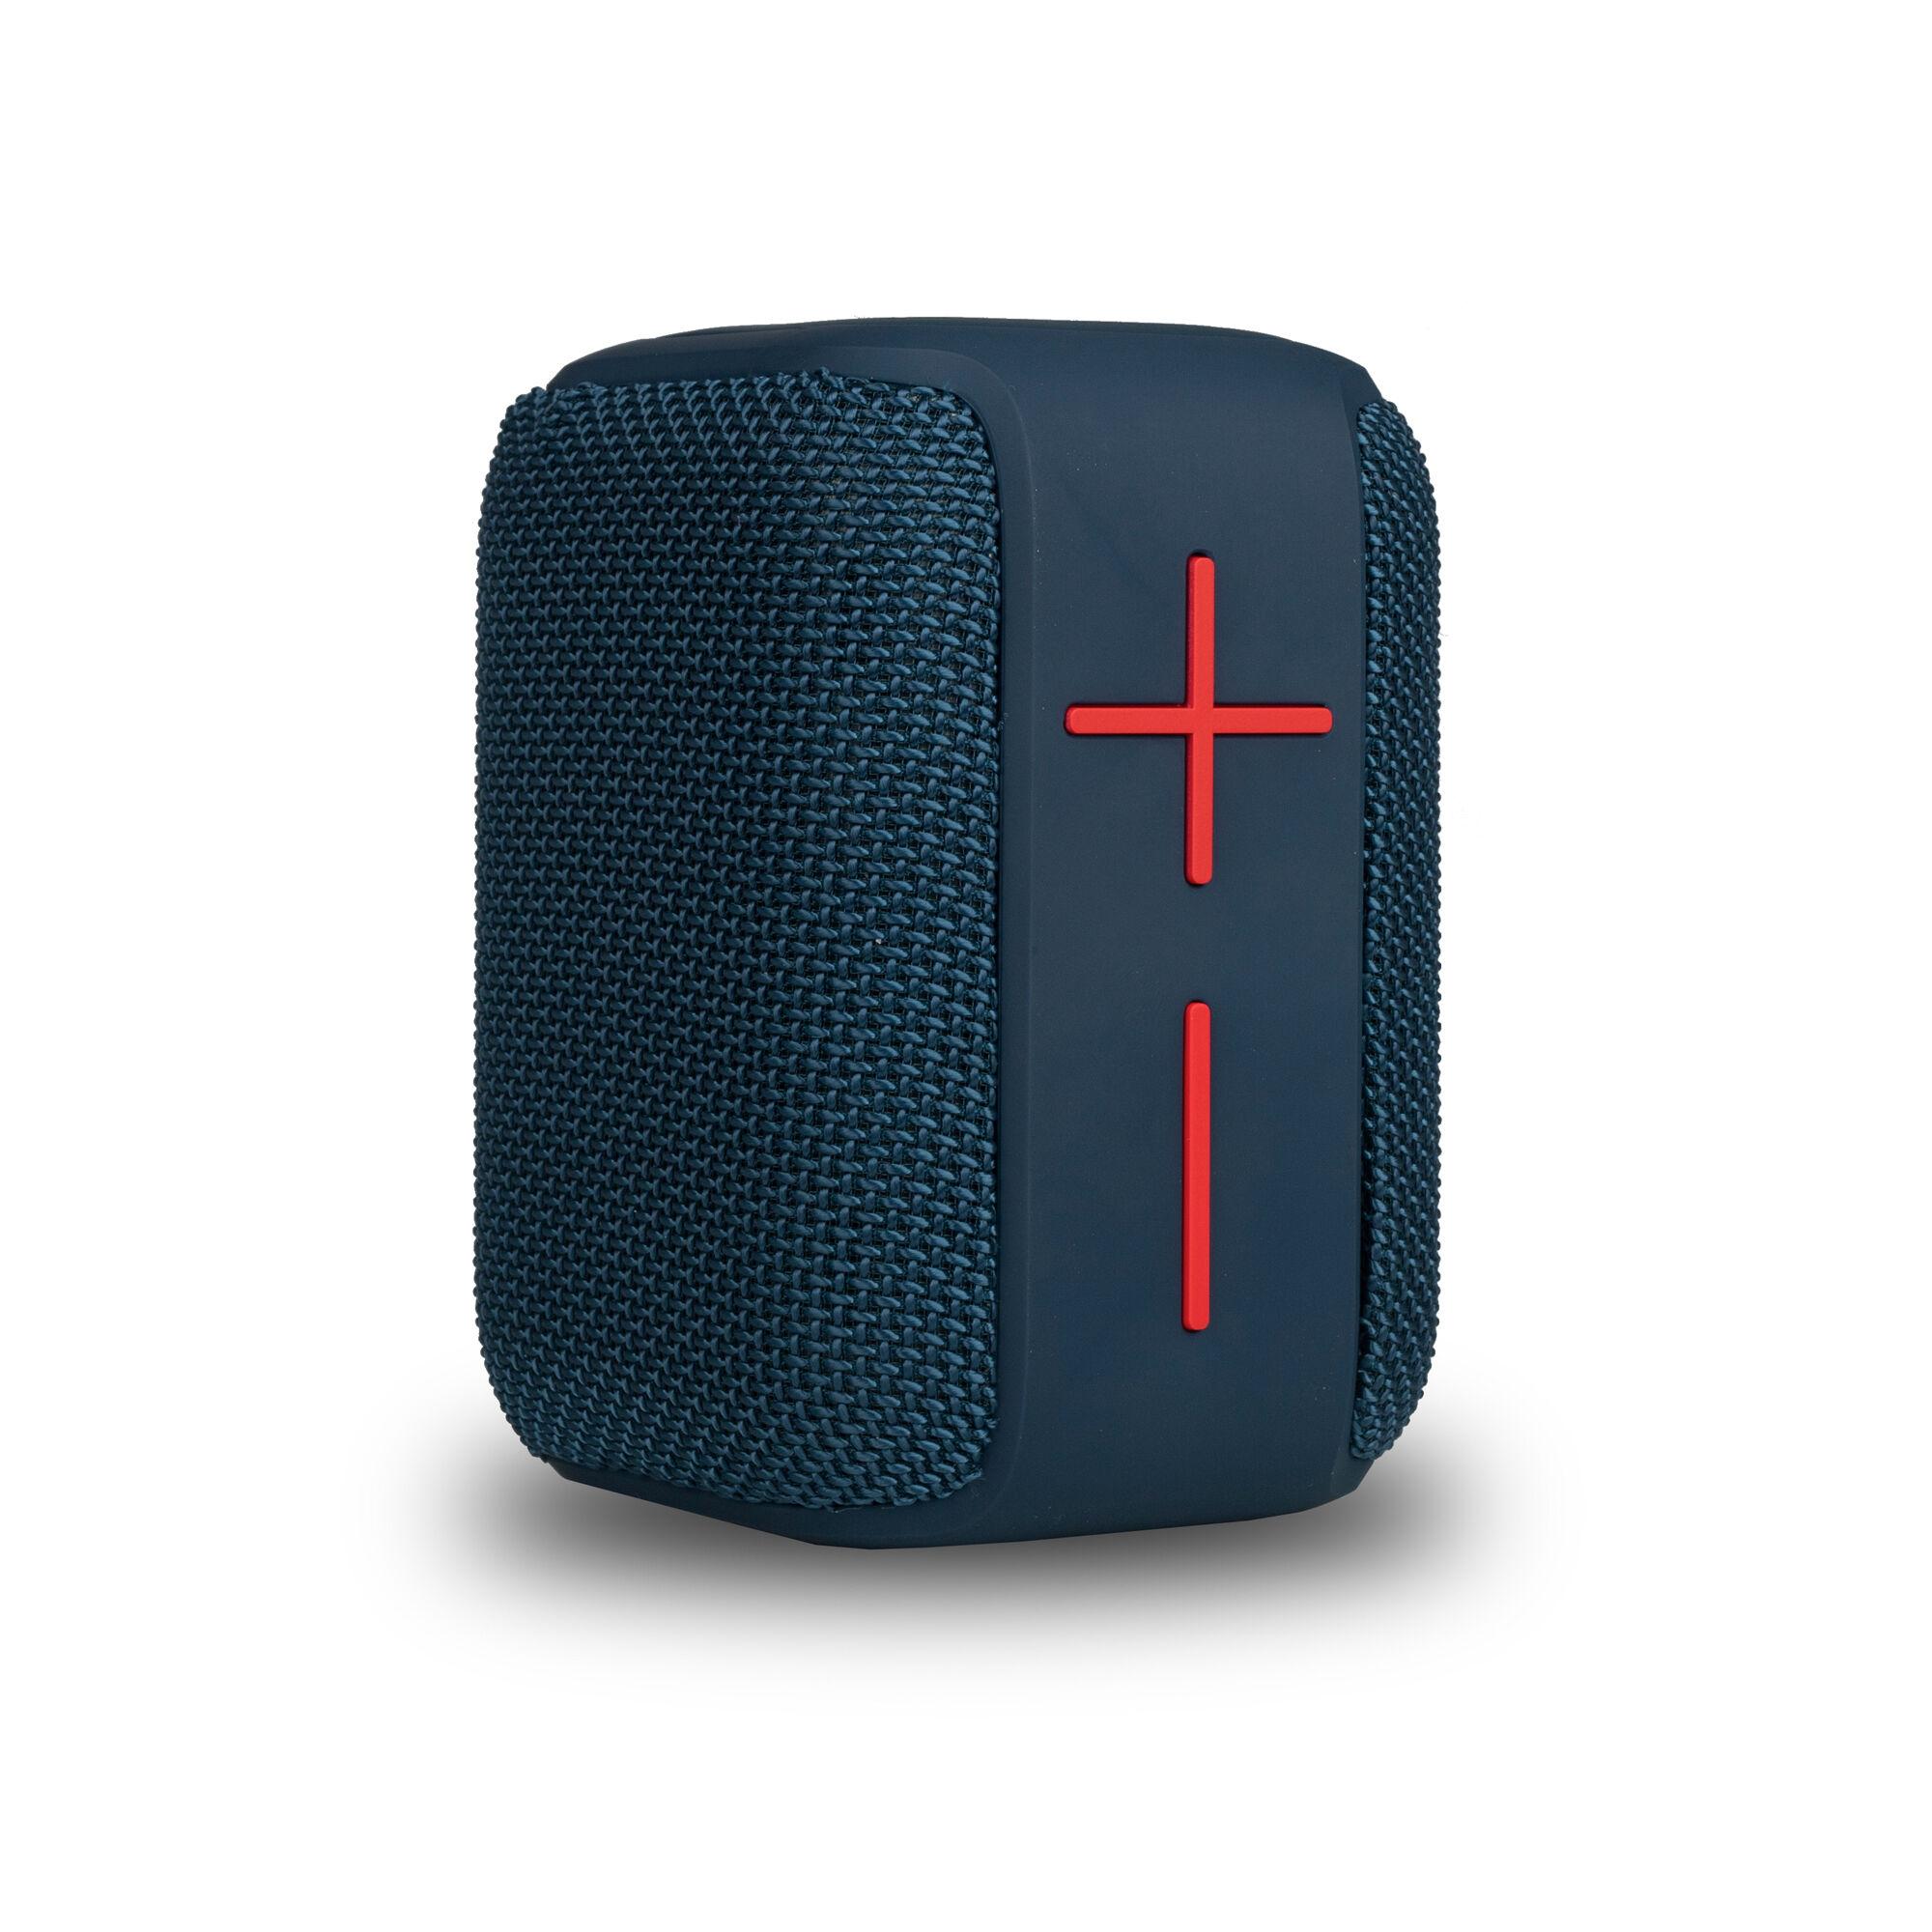 NGS 10W Wireless BT Speaker, Roller Coaster - Blue